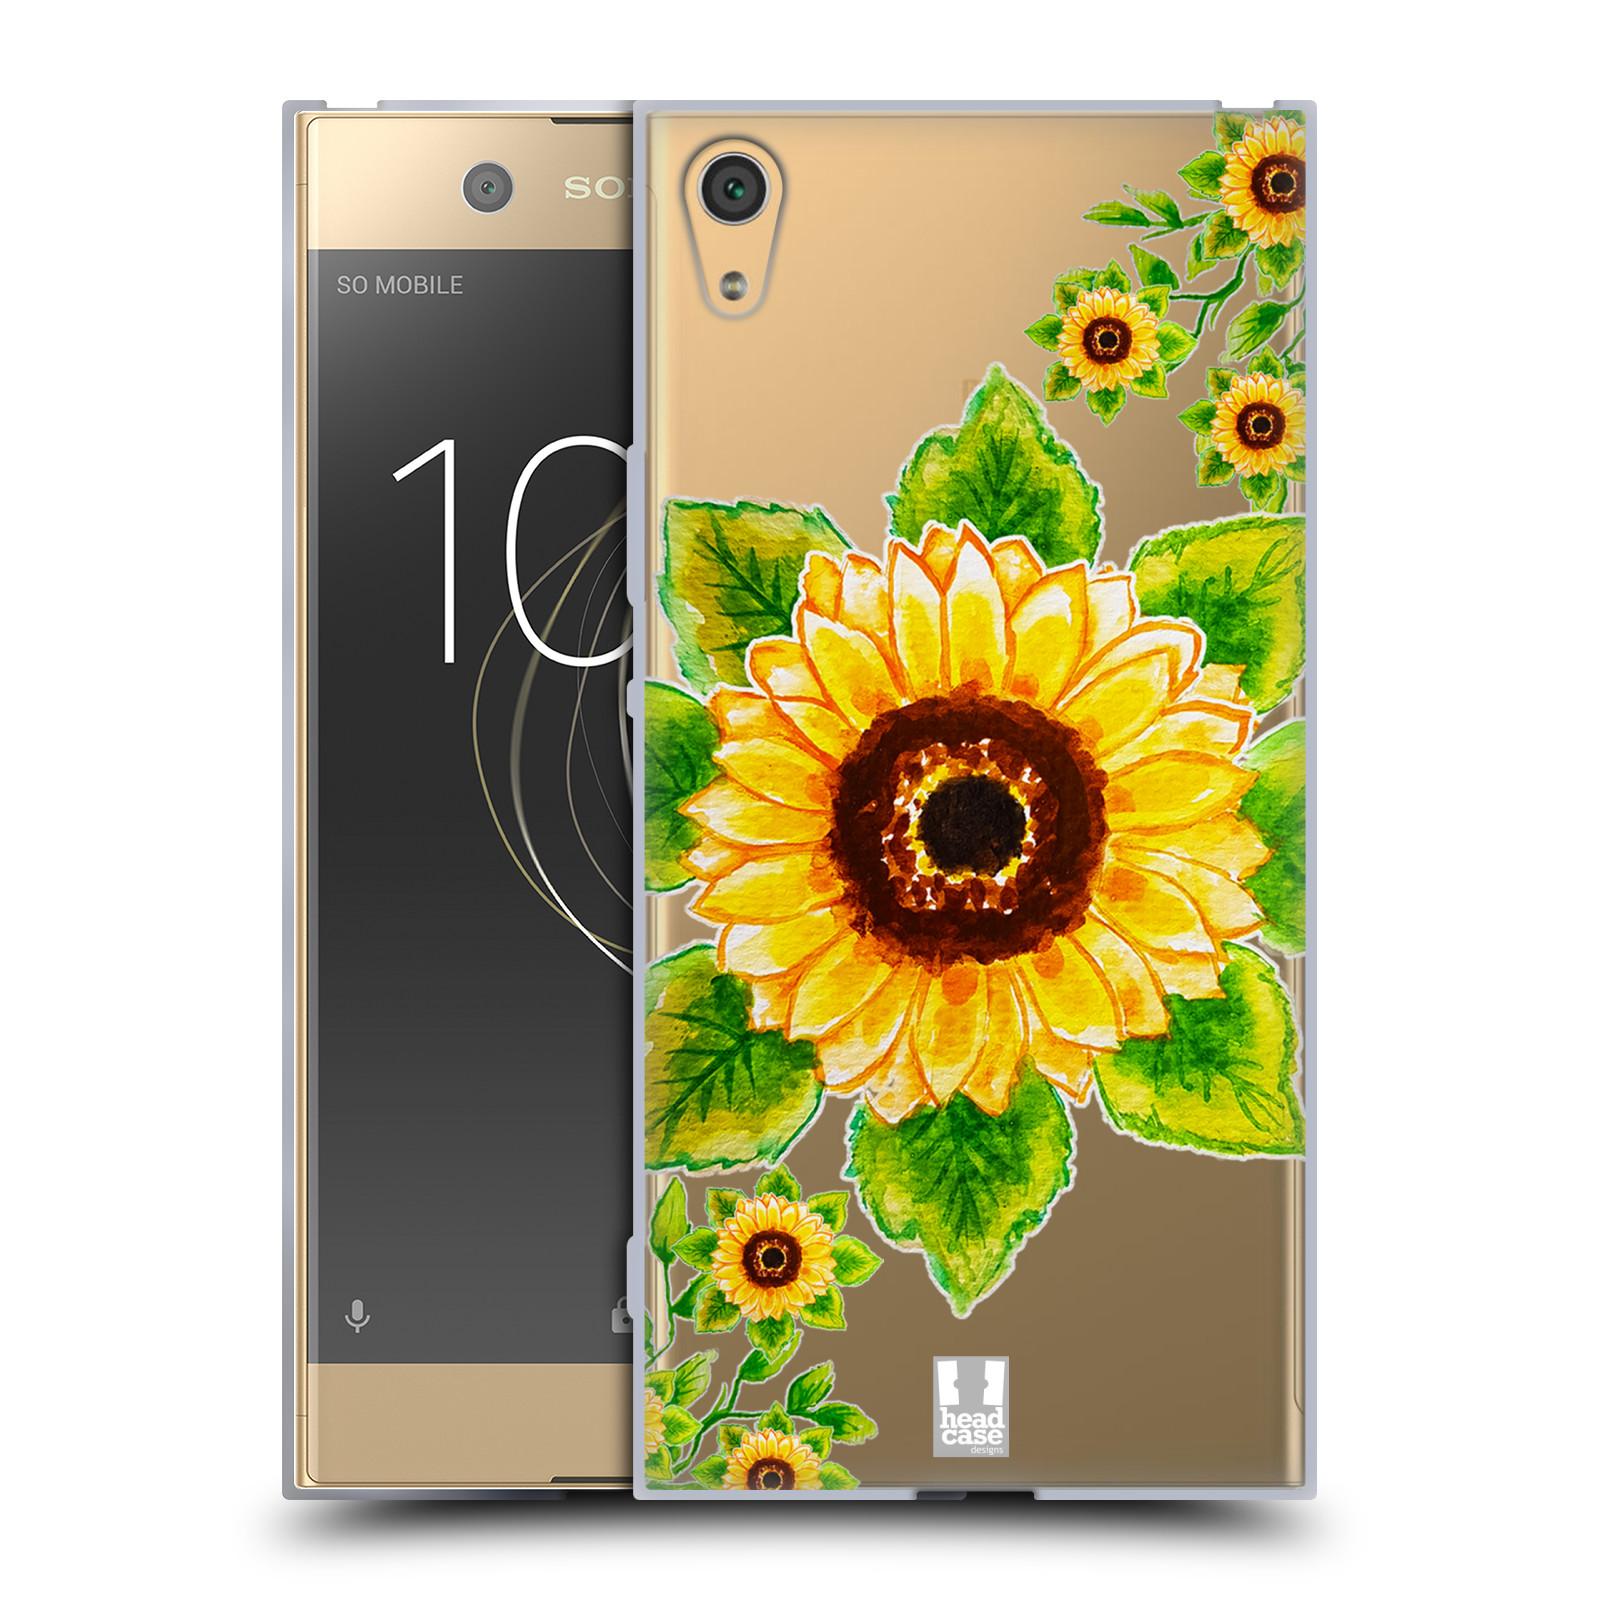 HEAD CASE silikonový obal na mobil Sony Xperia XA1 ULTRA Květina Slunečnice vodní barvy